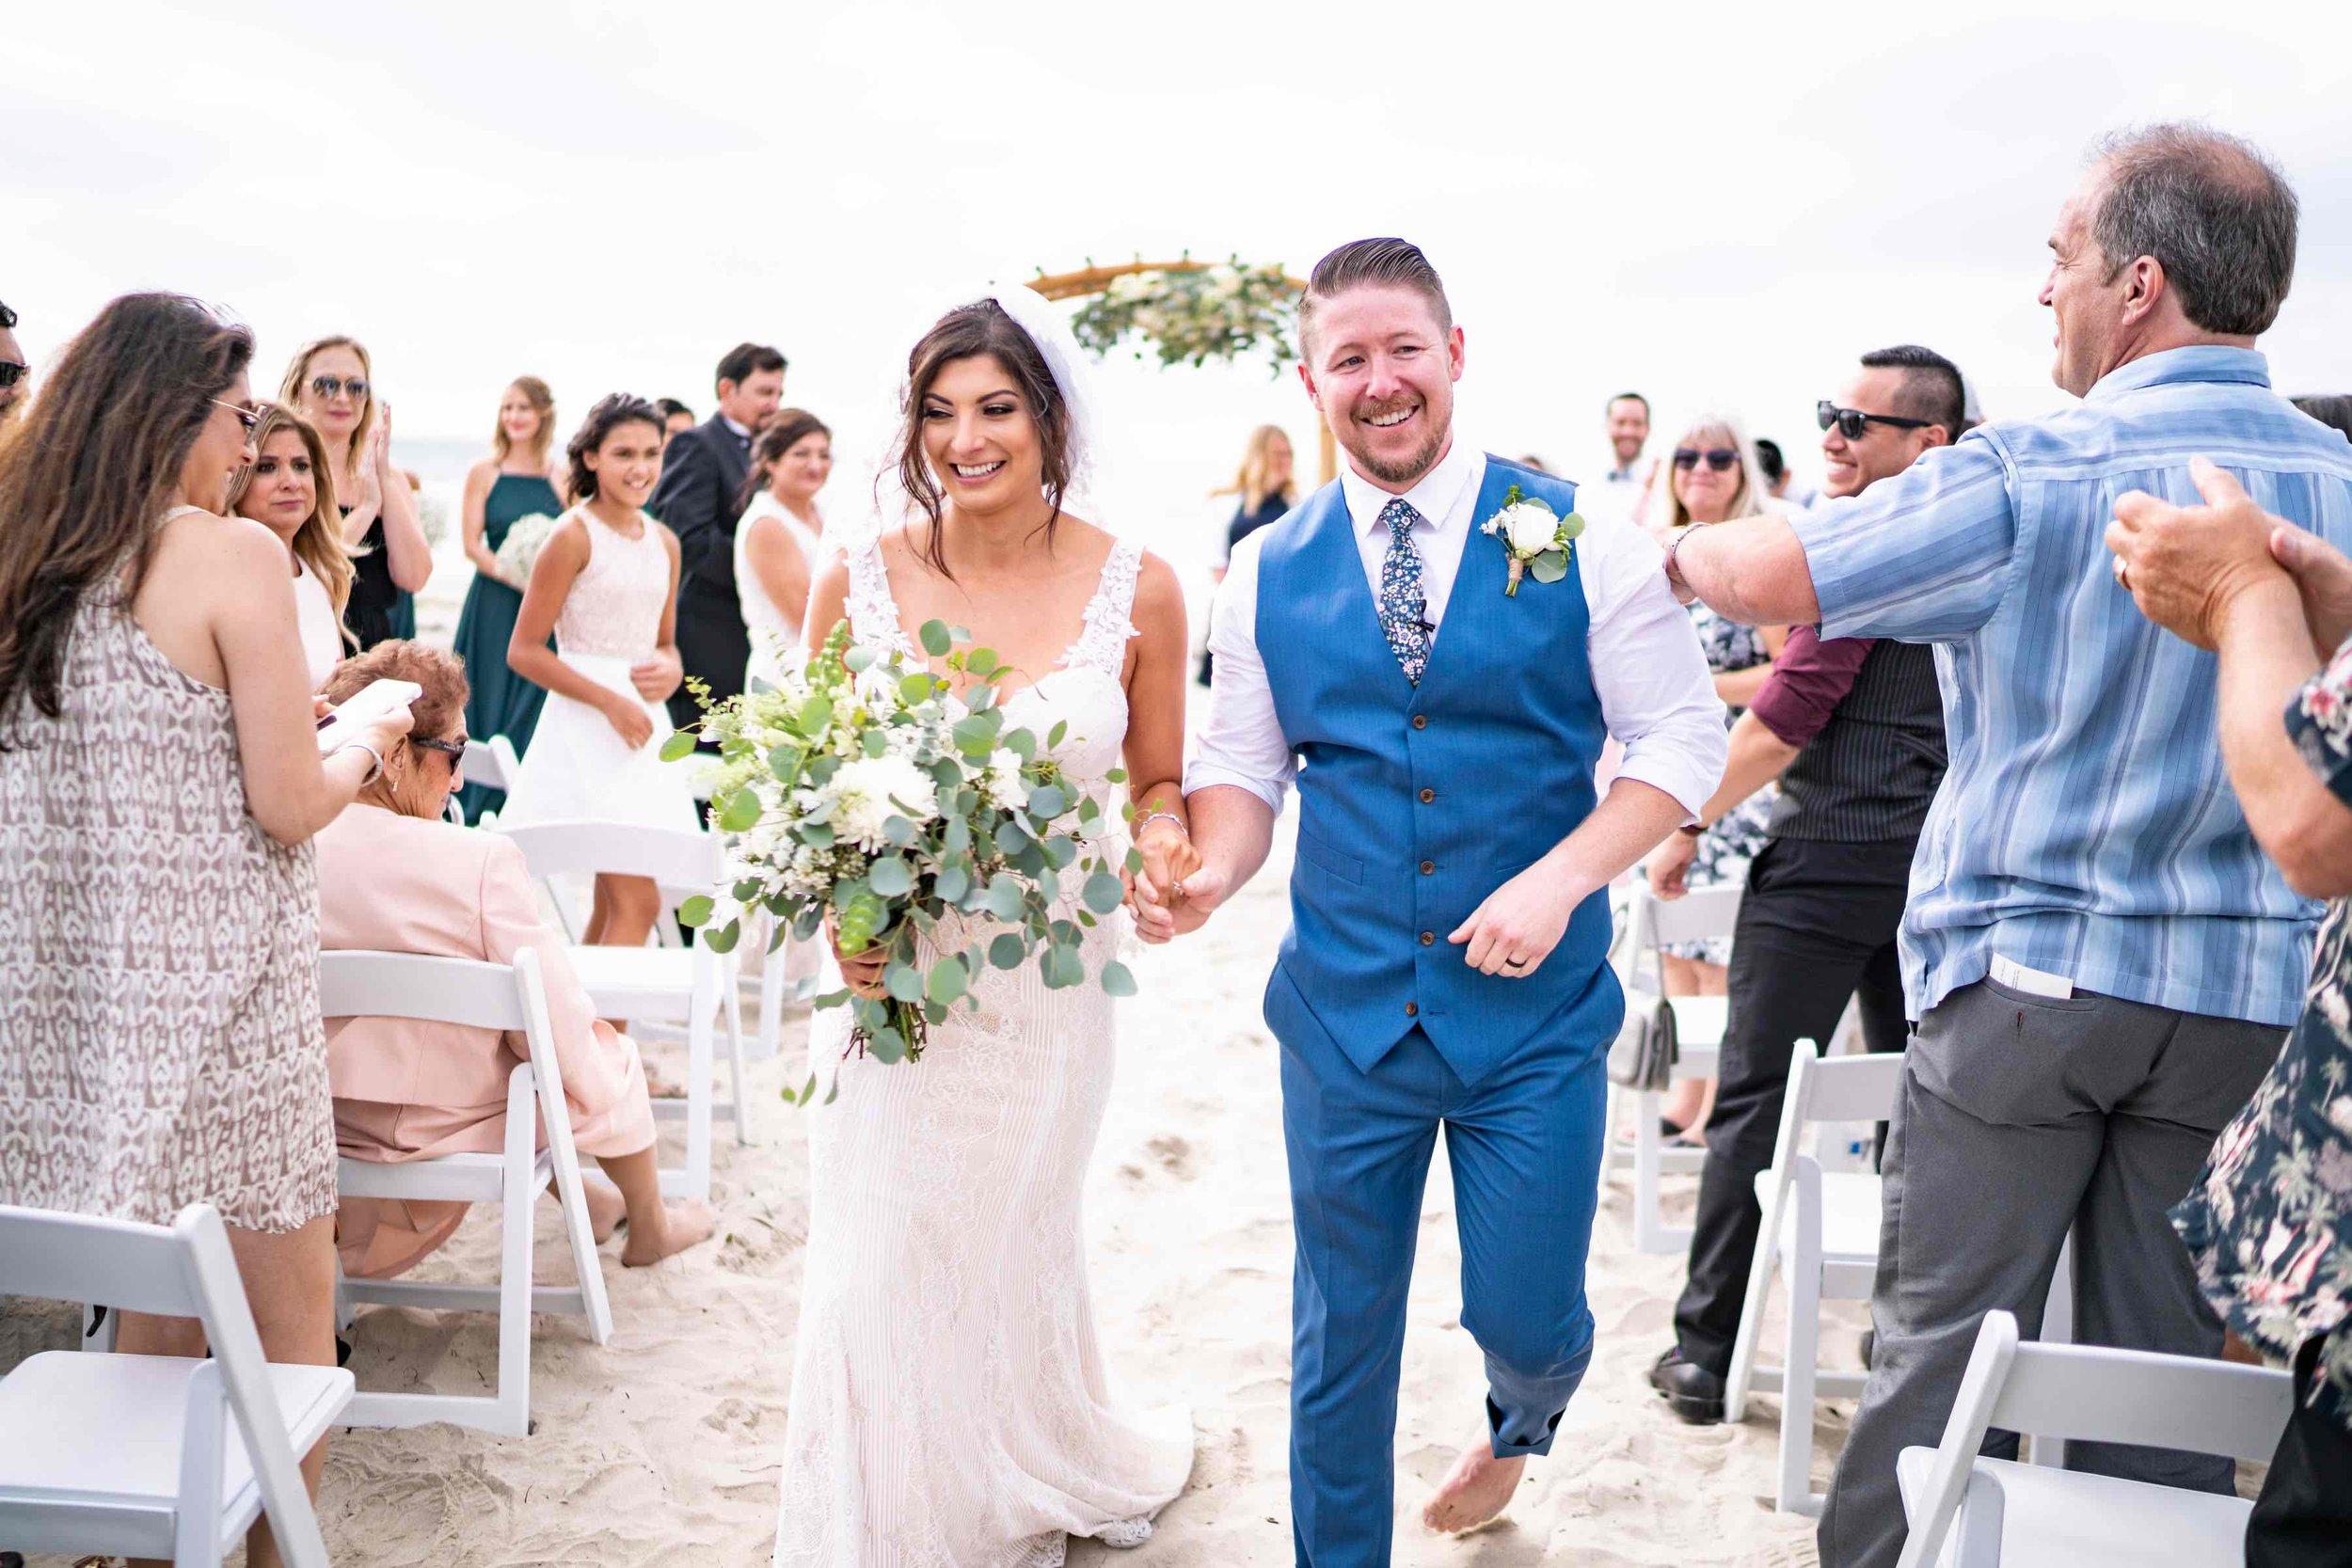 La Jolla Couple Wedding Photography.jpg